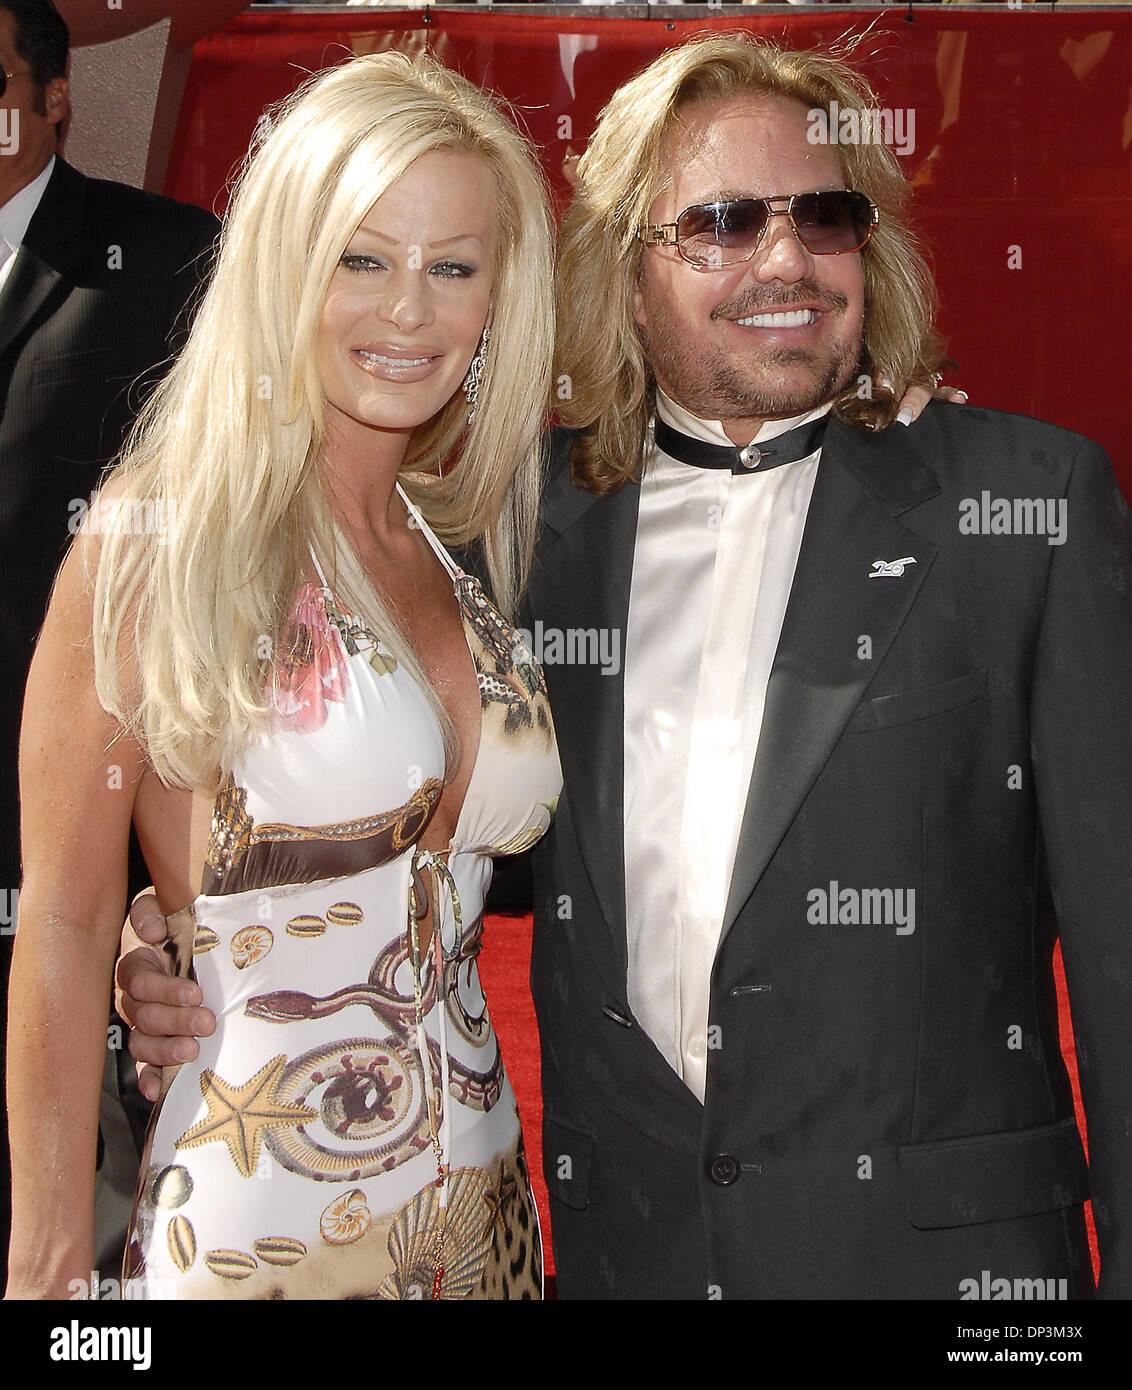 Jul 12, 2006; Hollywood, CA, EE.UU.; El Músico Vince Neil